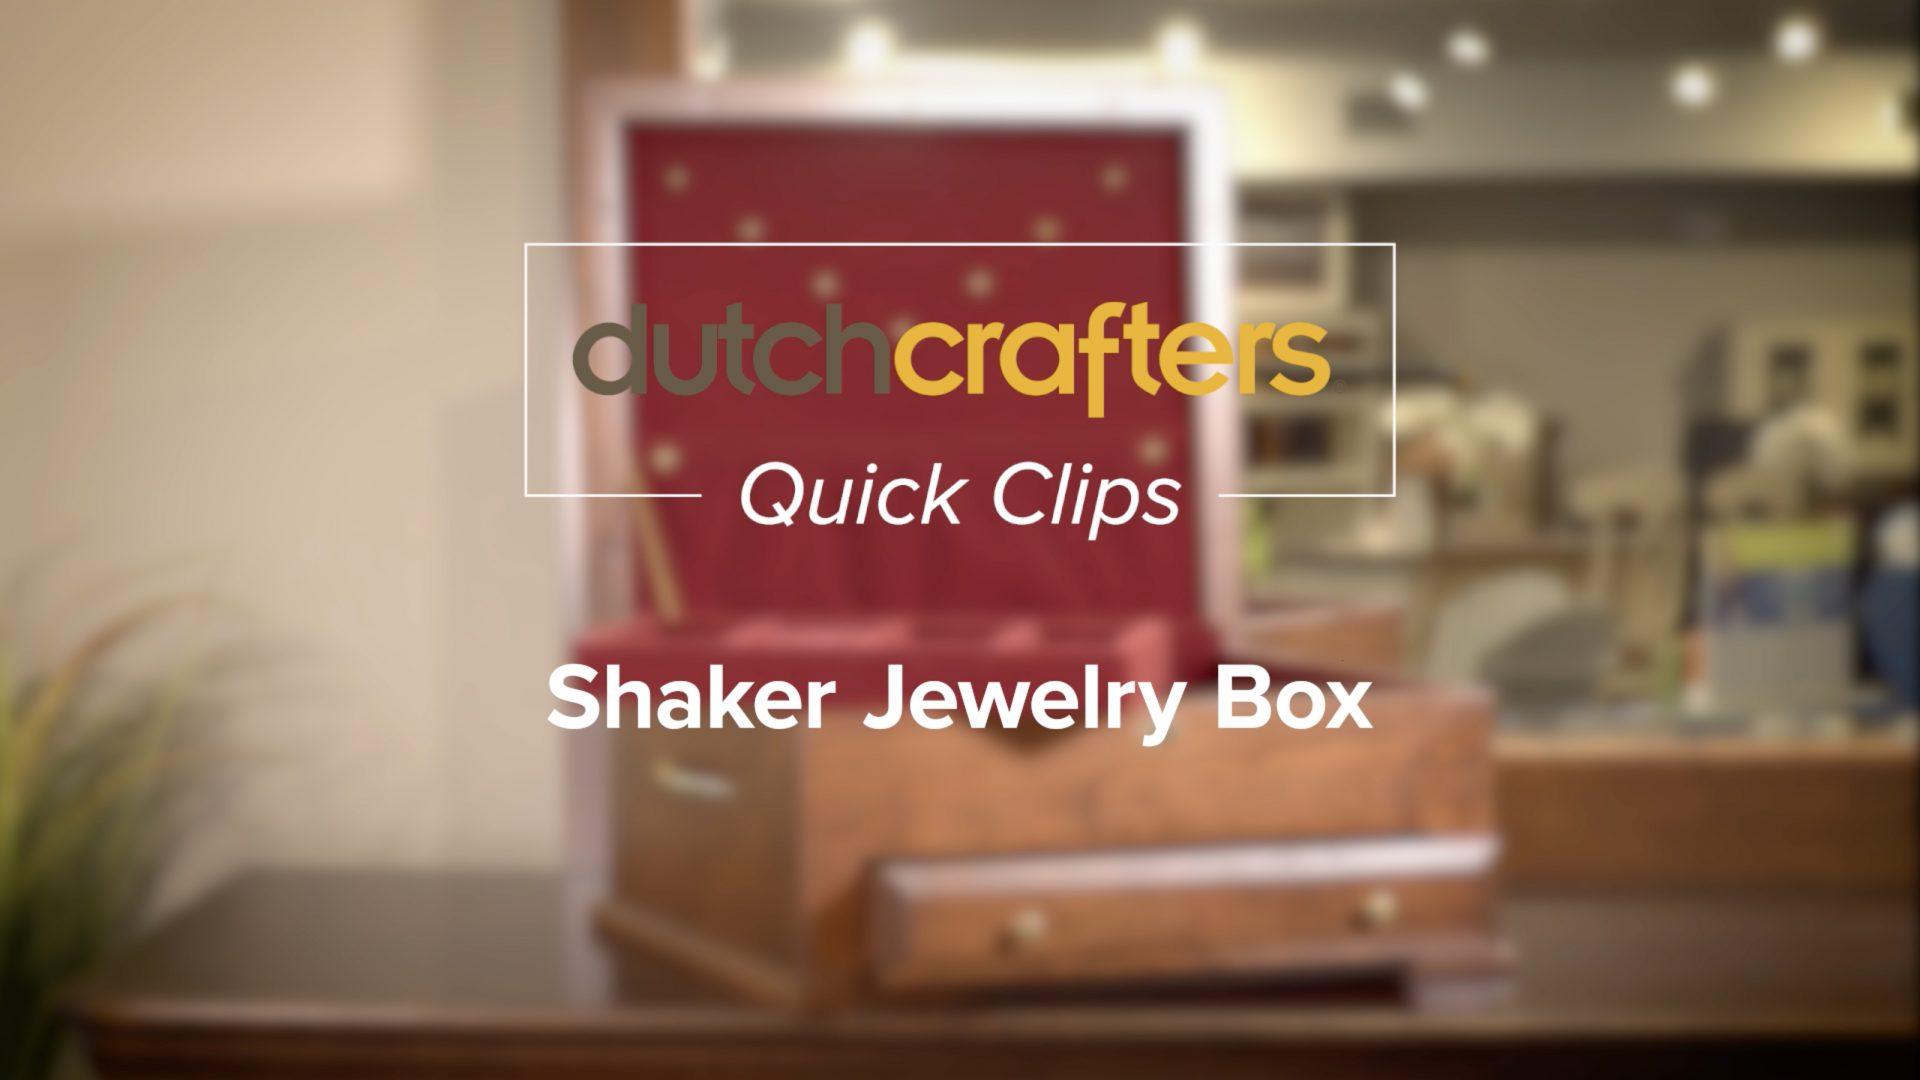 Shaker Jewelry Box